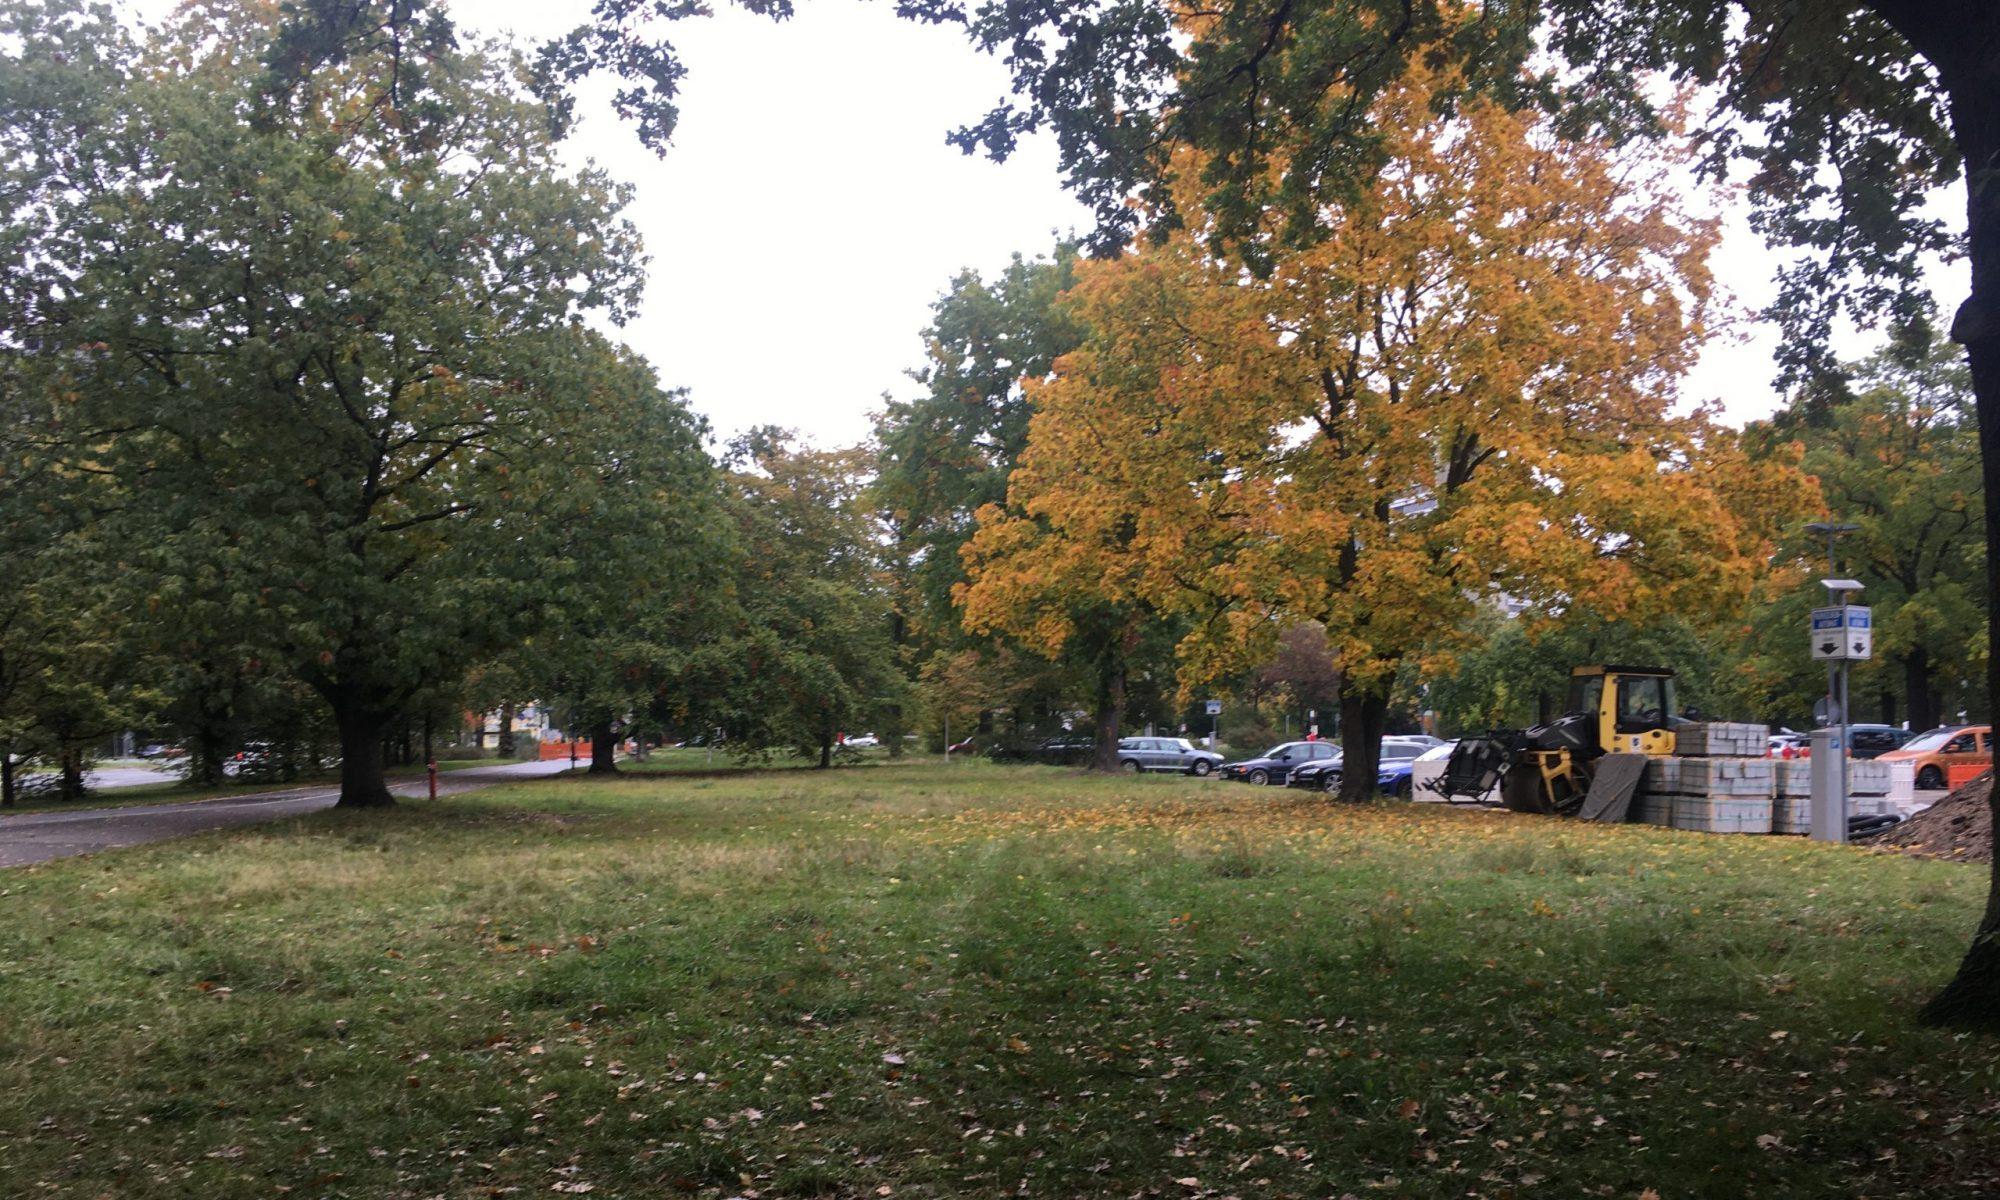 84 Bäume im Luitpoldhain fällen für die Neue Konzerthalle?